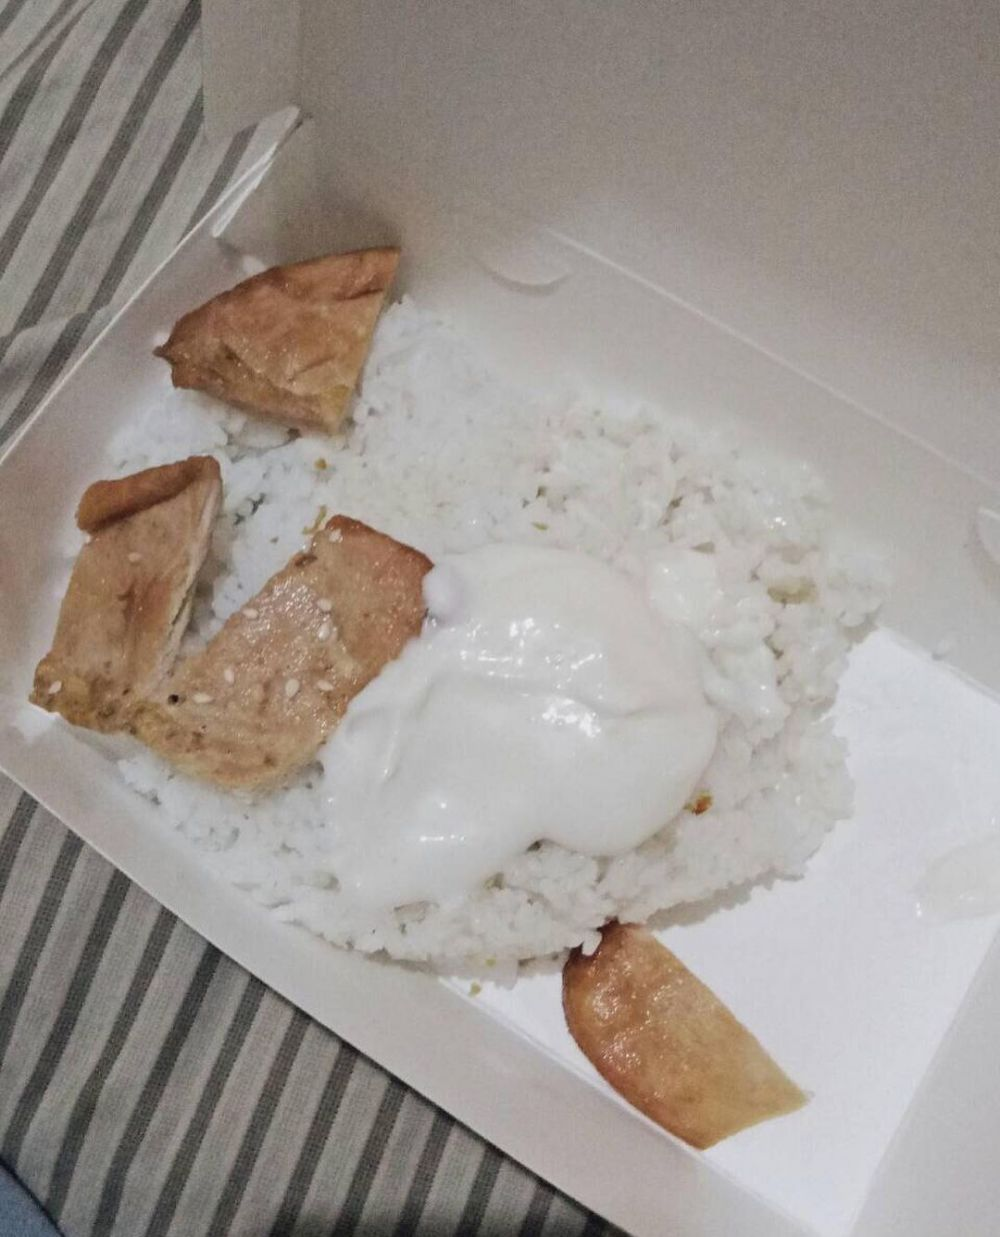 Potret lucu isi nasi kotak © berbagai sumber